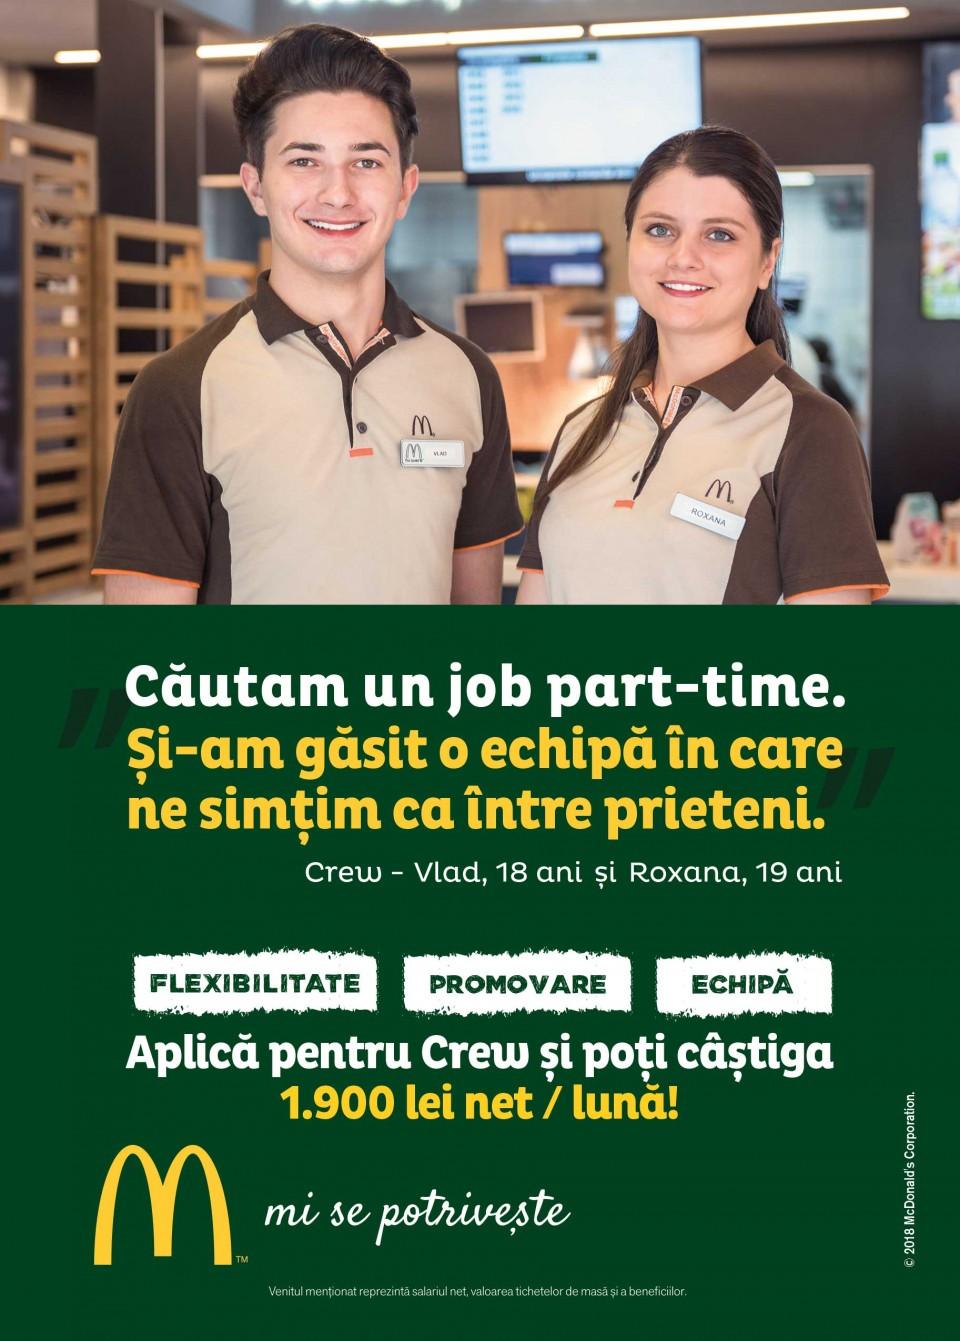 Eşti o persoană energică, dornică să accepte noi provocări și care vrea să lucreze alături de o echipă dinamică? Eşti încă student şi doreşti să acumulezi experienţă profesională? Aplică pentru poziţia de Crew și hai să-i cunoști pe toți colegii cărora jobul la McDonald's li se potrivește!  Te așteaptă numeroase beneficii: un program de lucru flexibil, pregătire profesională, dar şi oportunitatea de promovare într-un timp foarte scurt.  În calitate de lucrător Crew, te vei ocupa de activități variate, care includ toate zonele unui restaurant McDonald's: bucătăria, casa de marcat și sala de mese.  Astfel, ai şansa de a-ți dezvolta setul de abilități practice, dar și pe cele de comunicare, în urma interacțiunii cu clienții.  Beneficii: - Pachet salarial: 3.250 lei brut/lună - veniturile reprezintă salariul brut și valoarea tichetelor de masa + beneficii  - Programe de dezvoltare profesională. McDonald's în RomâniaCei 5.000 de angajați ai McDonald's în România știu ce înseamnă puterea unui zâmbet.   Echipa McDonald's e formată din oameni muncitori, ambițioși, pentru care interacțiunea cu alți oameni este o bucurie. În fiecare zi, angajații McDonald's întâmpină peste 210.000 de clienți. Ne dorim să aducem în echipa noastră colegi dornici să învețe și să crească în cadrul unei echipe puternice și ambițioase.   McDonald's a deschis primul restaurant în România pe 16 iunie 1995, în Unirea Shopping Center din București. A fost primul pas în construirea unei povești de succes, care se dezvoltă în fiecare an.   În 2016, McDonald's în România a devenit Premier Restaurants România, ca urmare a parteneriatului pentru dezvoltare încheiat cu Premier Capital, compania malteză care coordonează operațiunile McDonald's din șase țări europene: Estonia, Grecia, Letonia, Lituania, Malta și România.  Astăzi, McDonald's are 78 de restaurante în 23 de orașe din România și este liderul pieței de restaurante cu servire rapidă. În același timp, lanțul McCafé, are în prezent 33 de cafenele în R